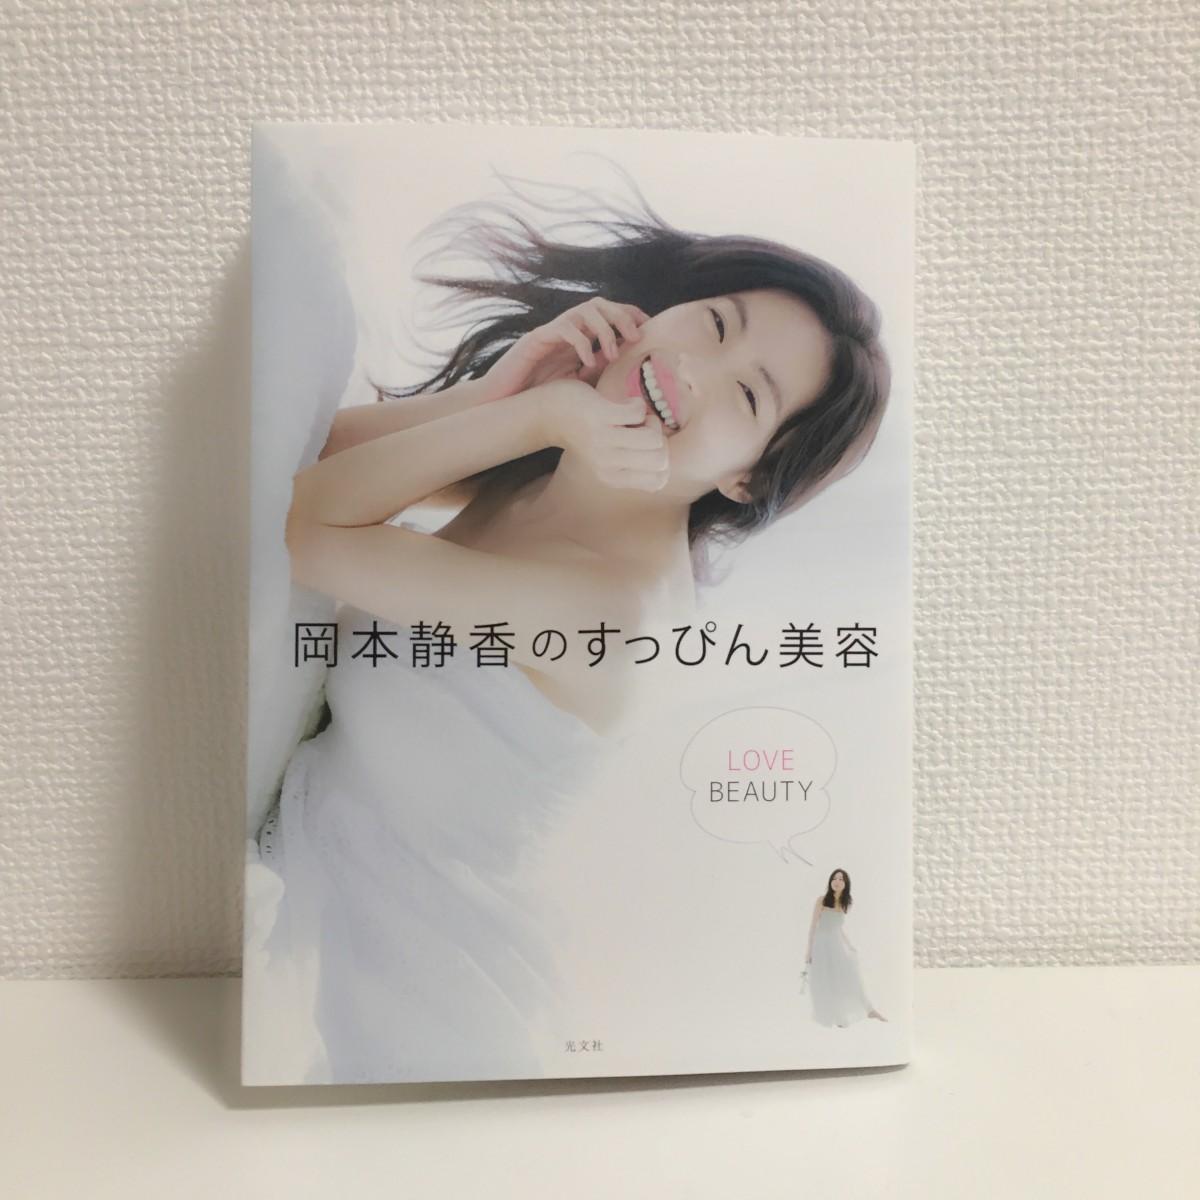 《すっぴん美容♡》最近お気に入りの美容本